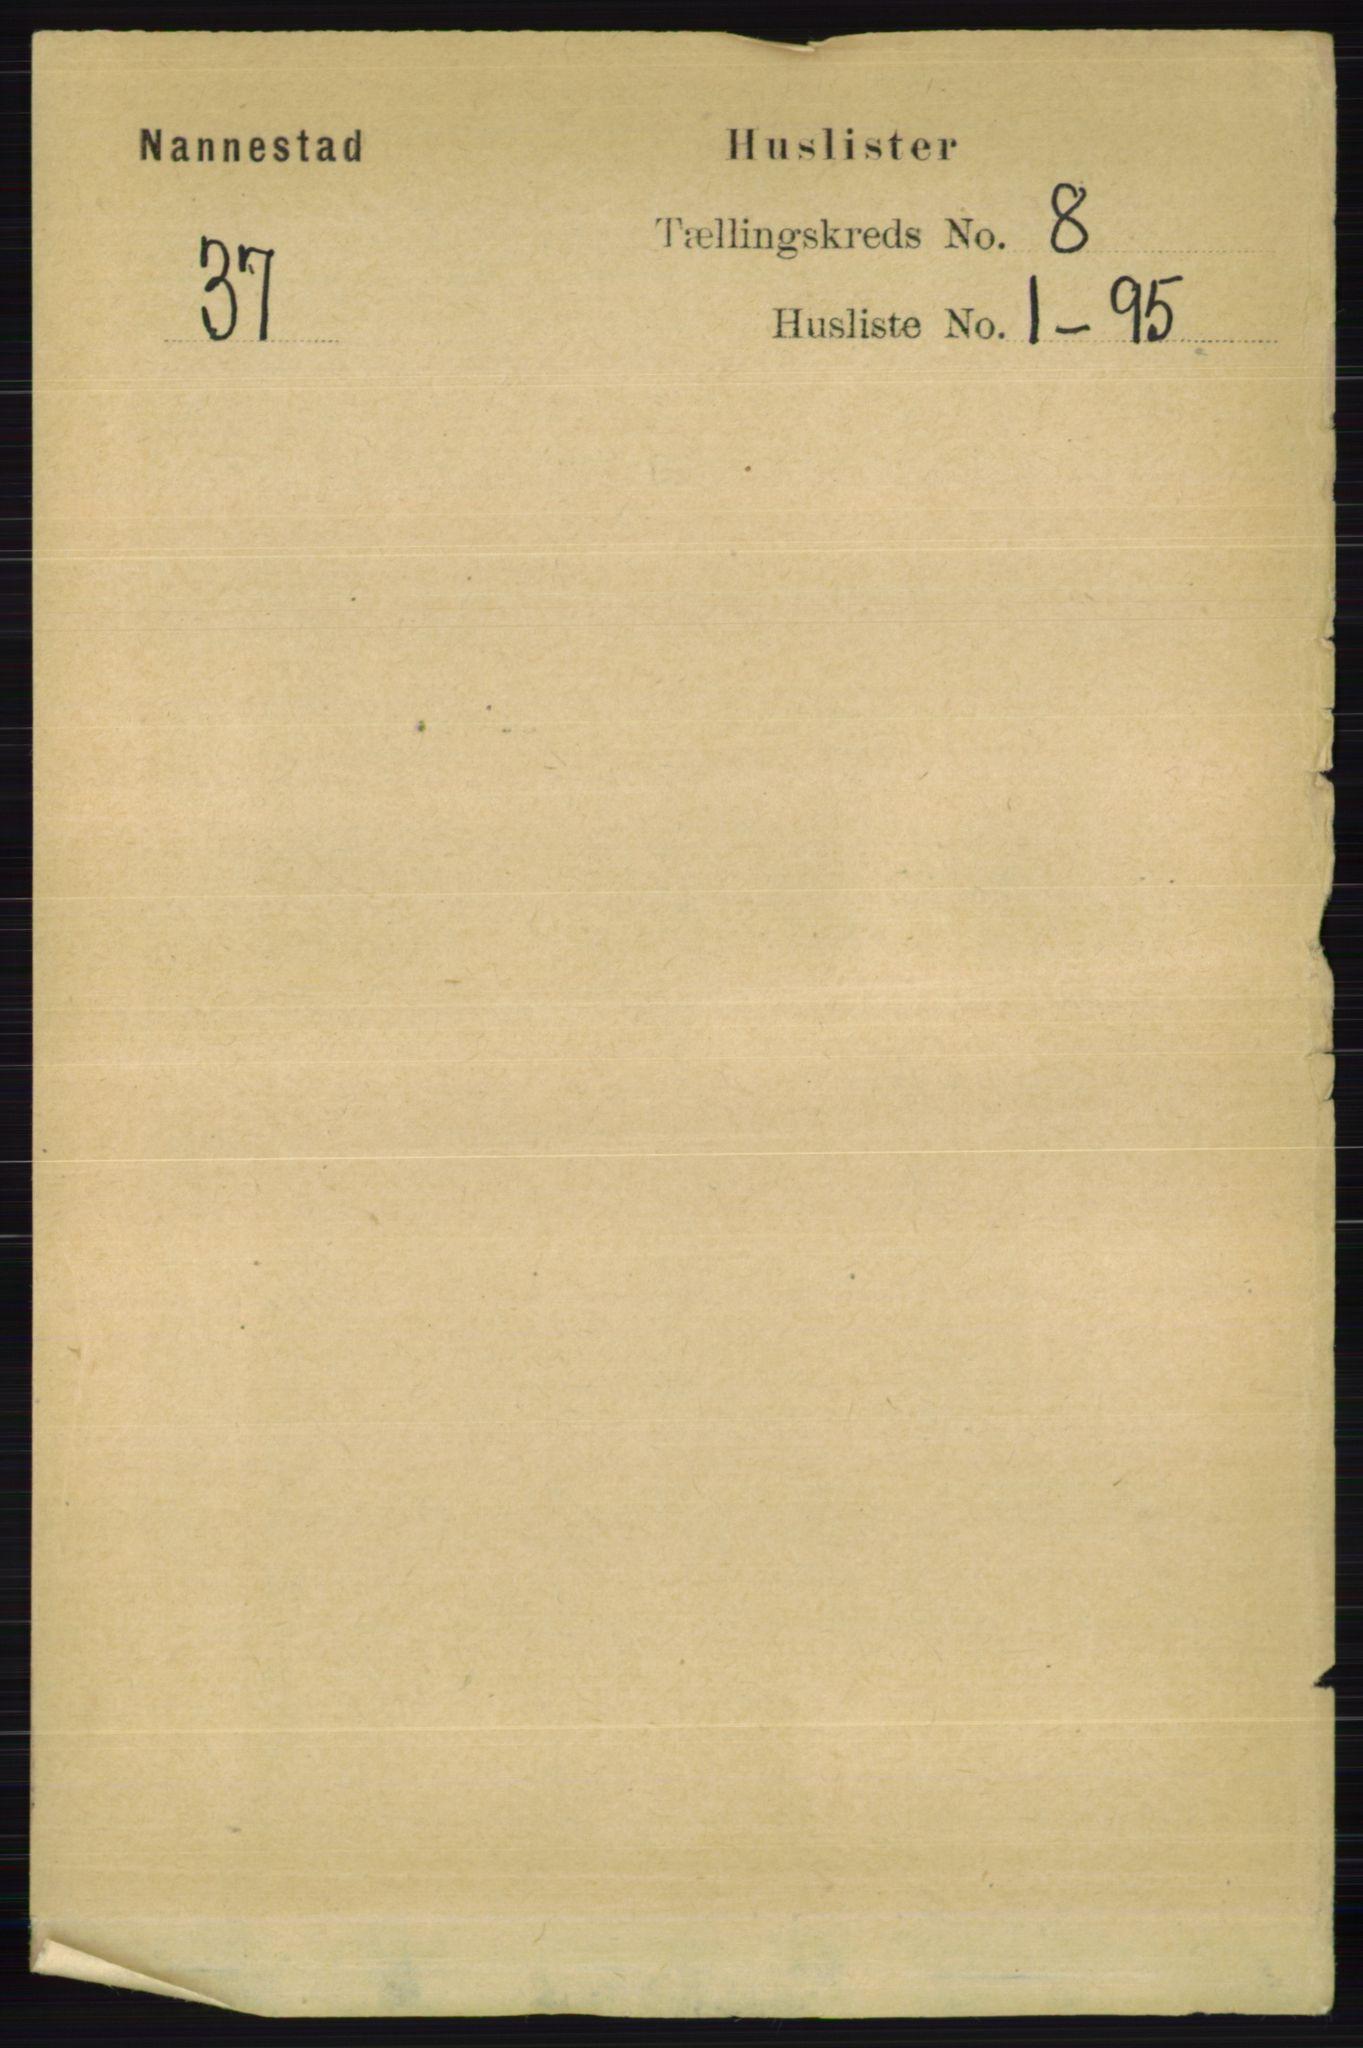 RA, Folketelling 1891 for 0238 Nannestad herred, 1891, s. 4331